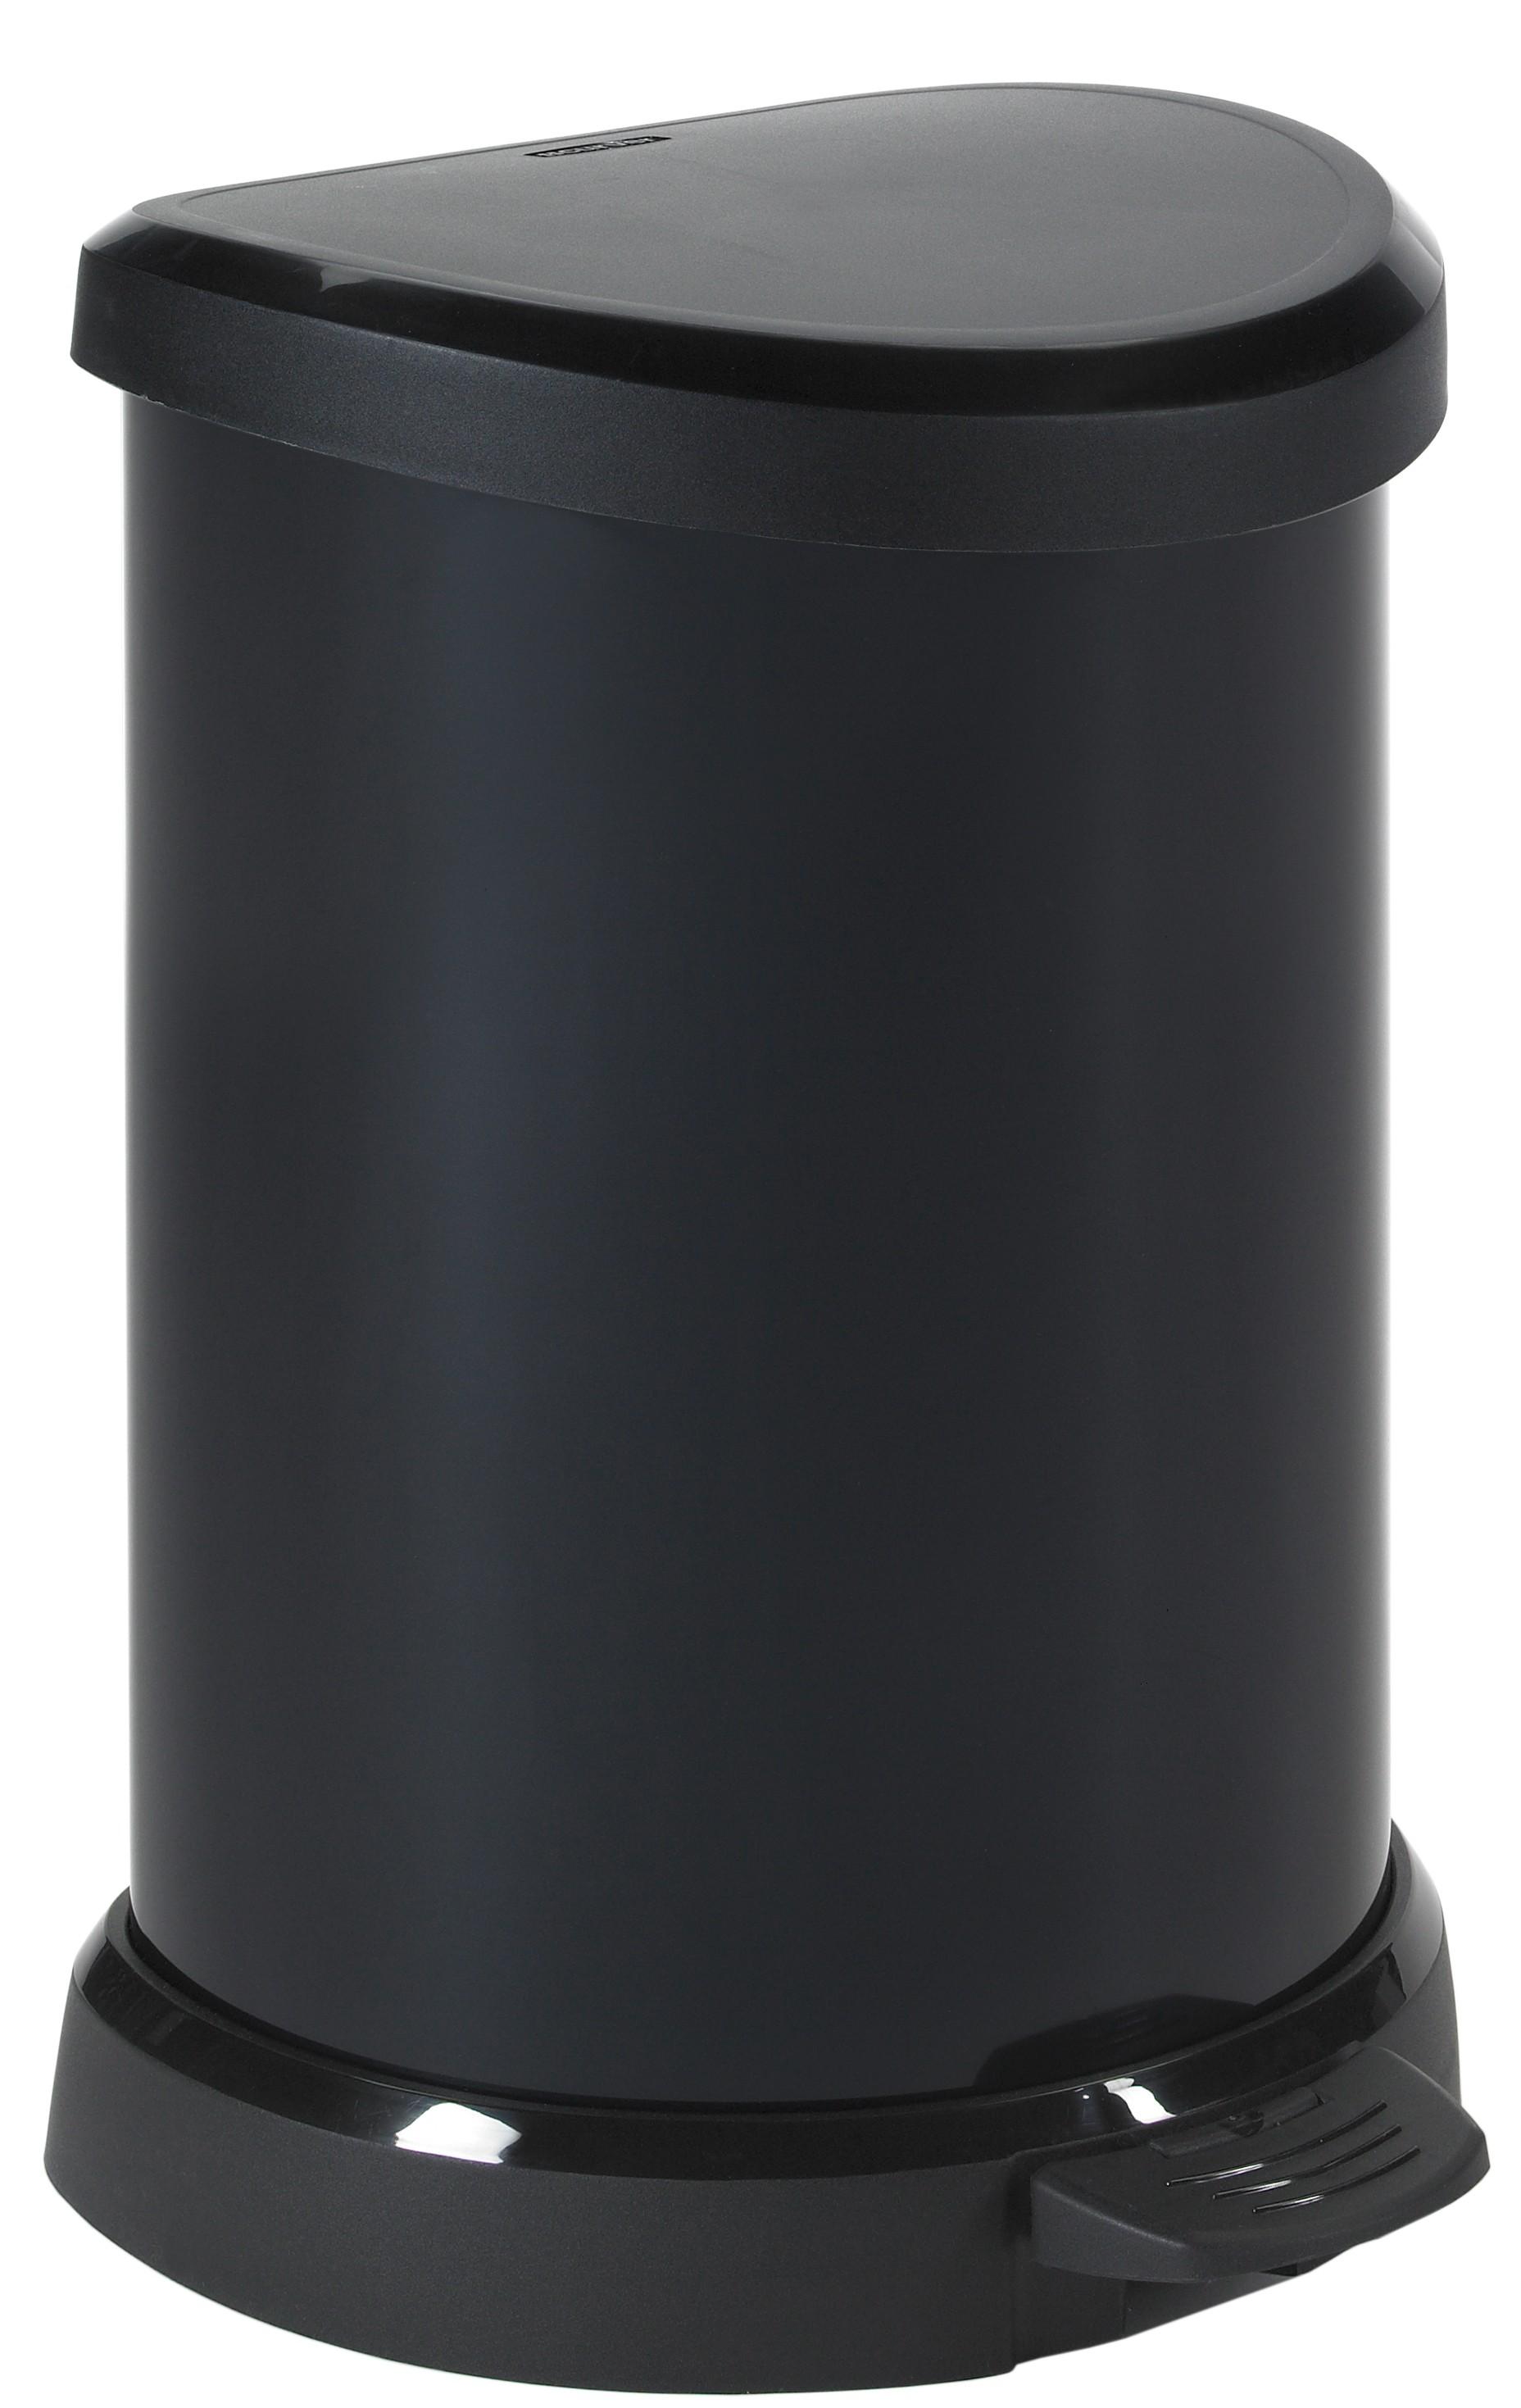 πεντάλ απορριμάτων curver 20lit πλαστικό μαύρο home   αξεσουαρ κουζινας   δοχεία απορριμάτων